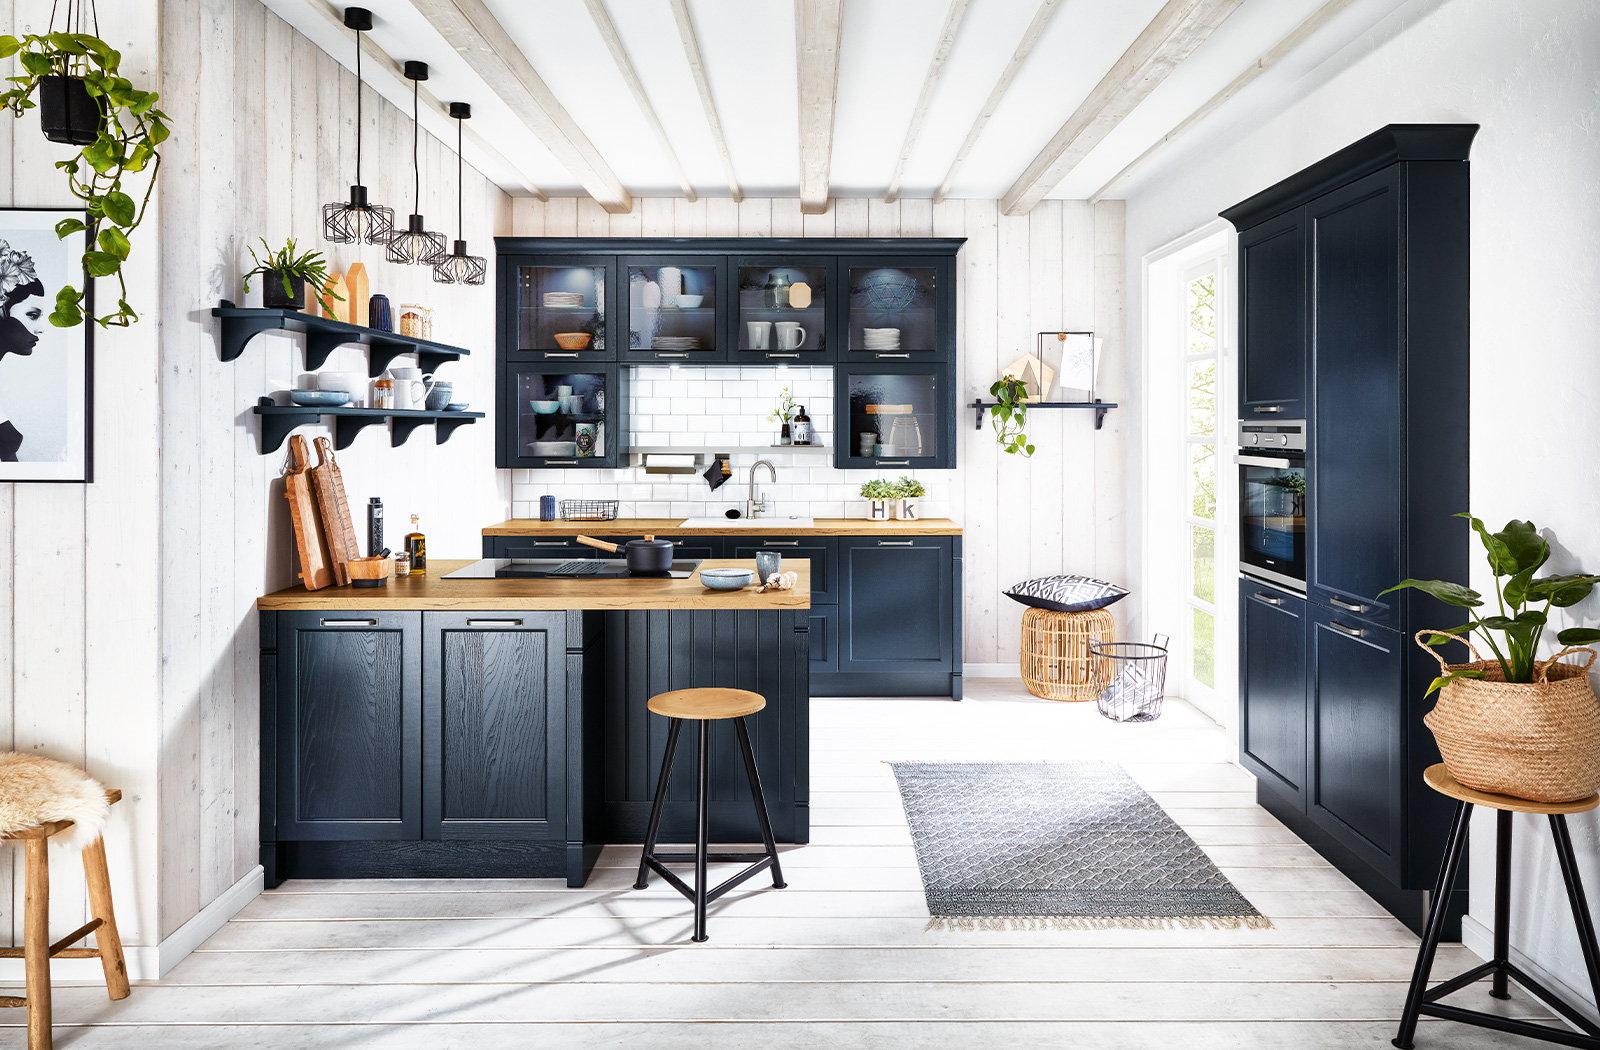 Blauwe landelijke keuken met schiereiland, Häcker keuken Bristol fluweelblauw